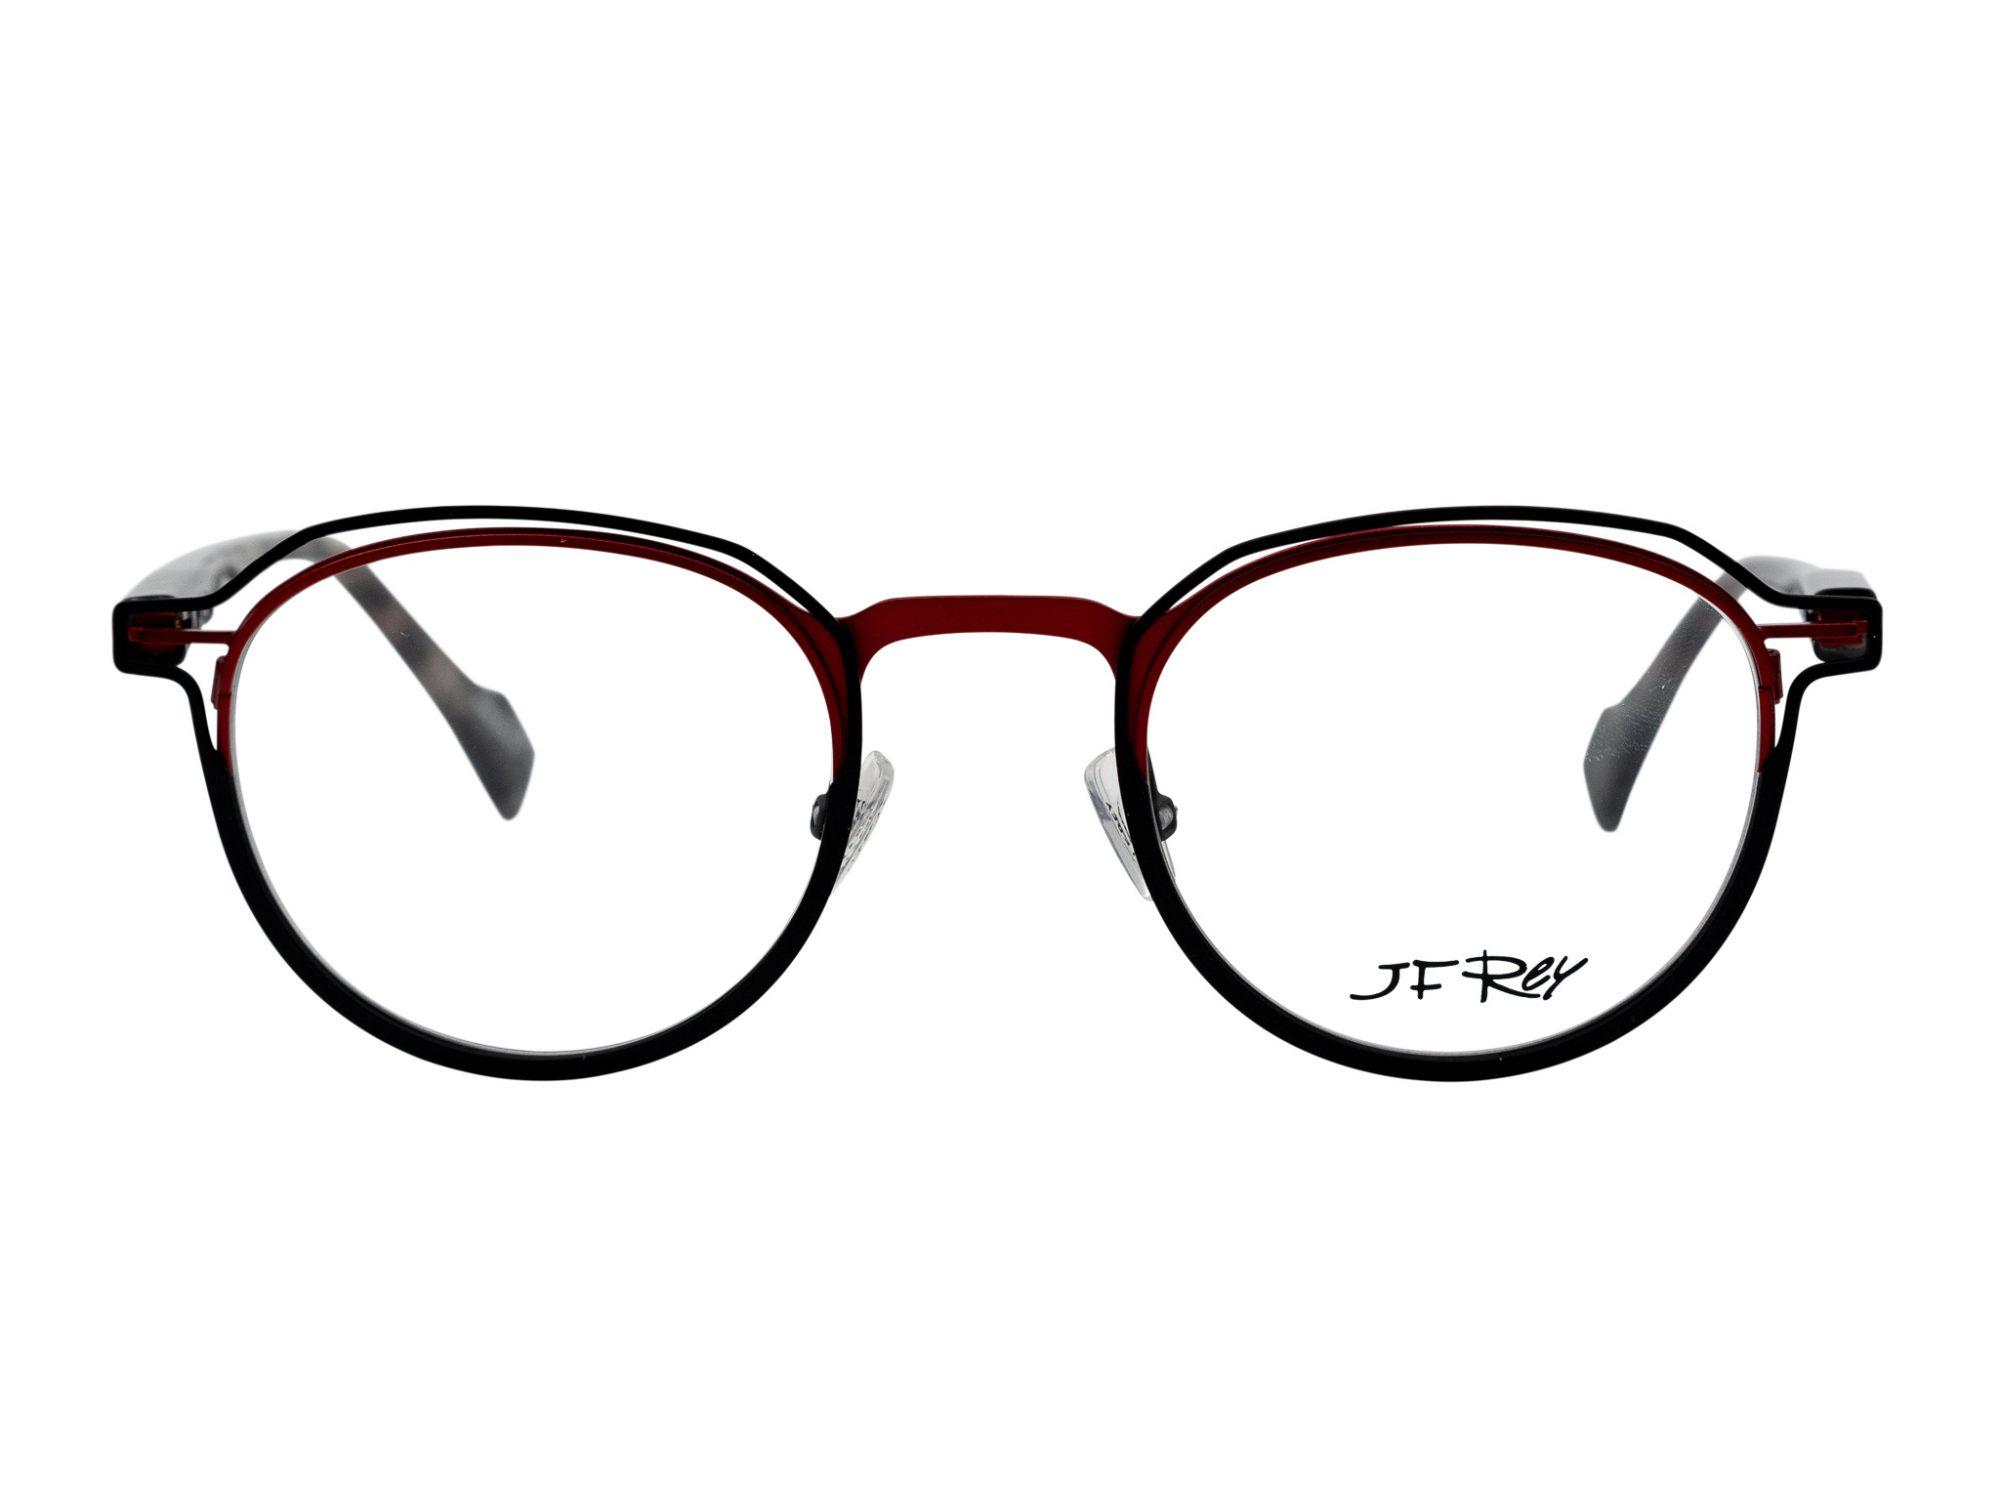 JF Rey JF2891 0030